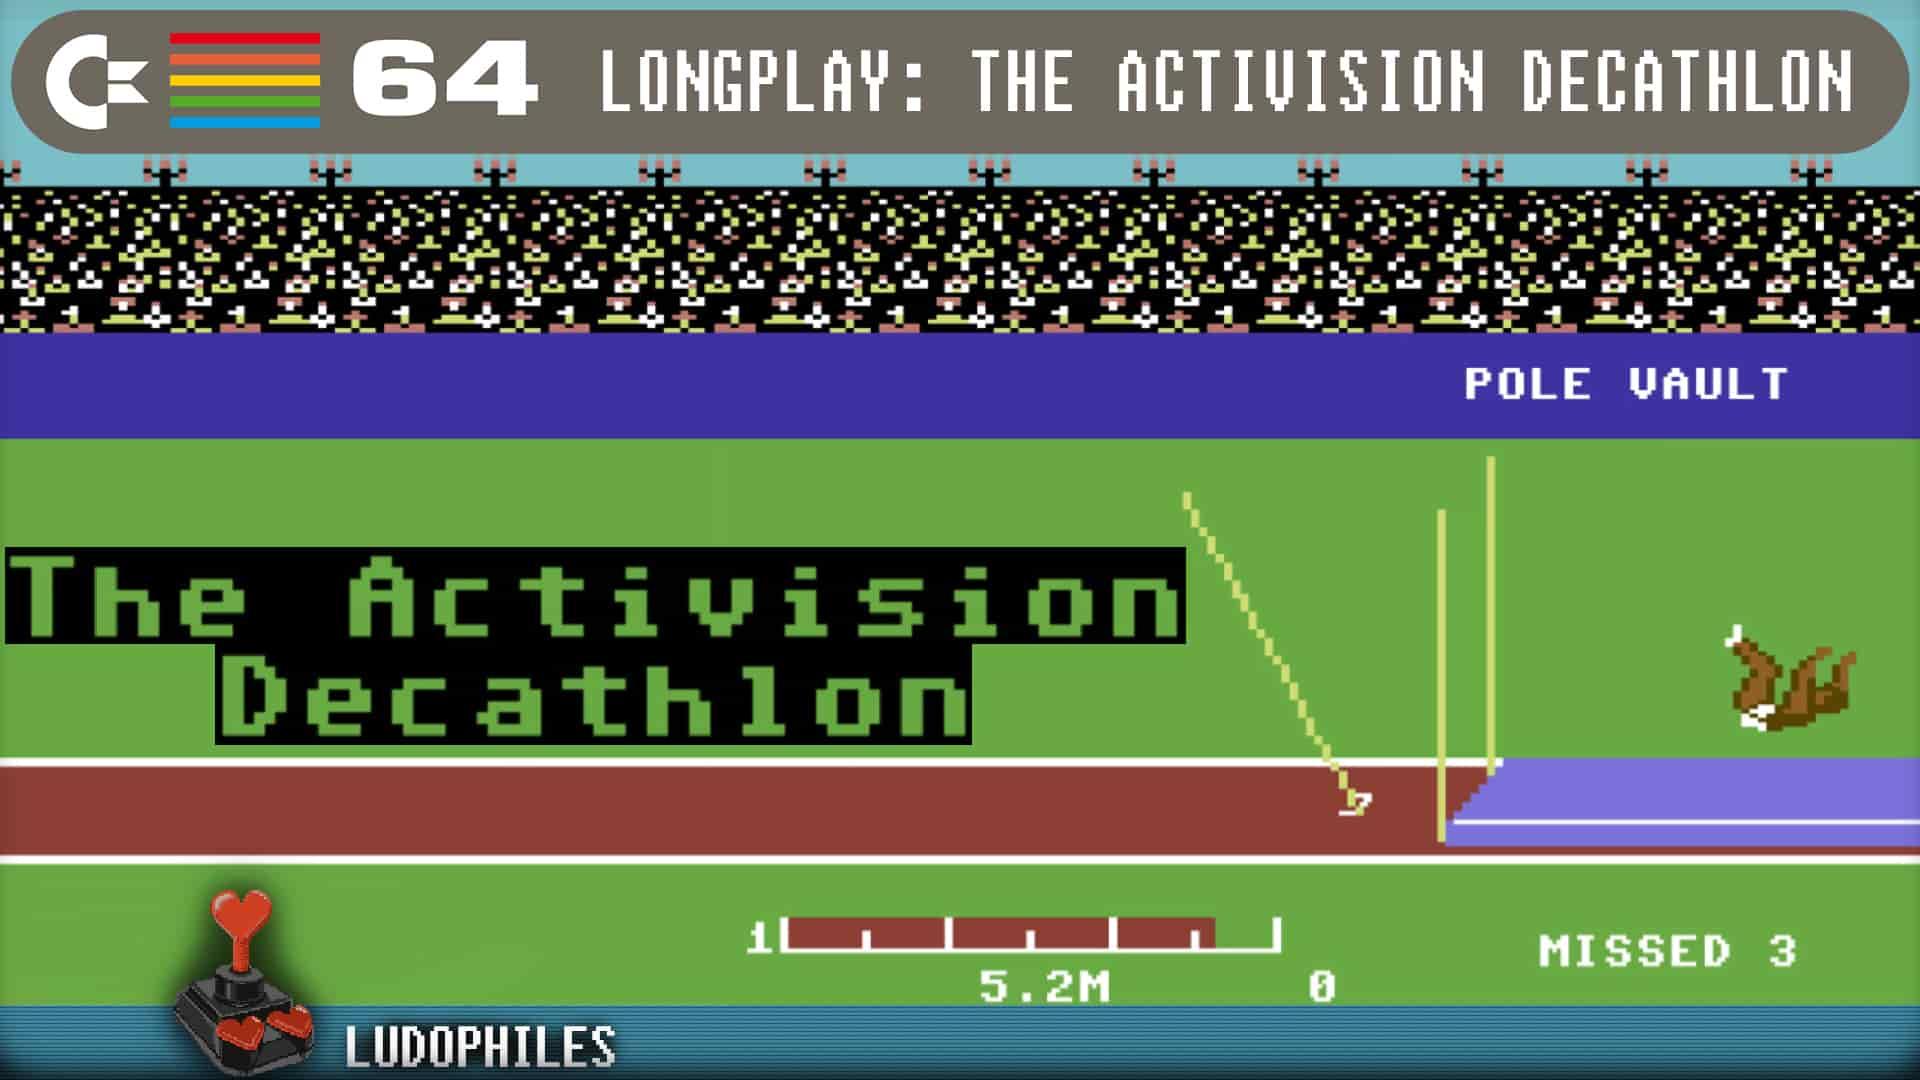 The Activison Decathlon C64 Longplay